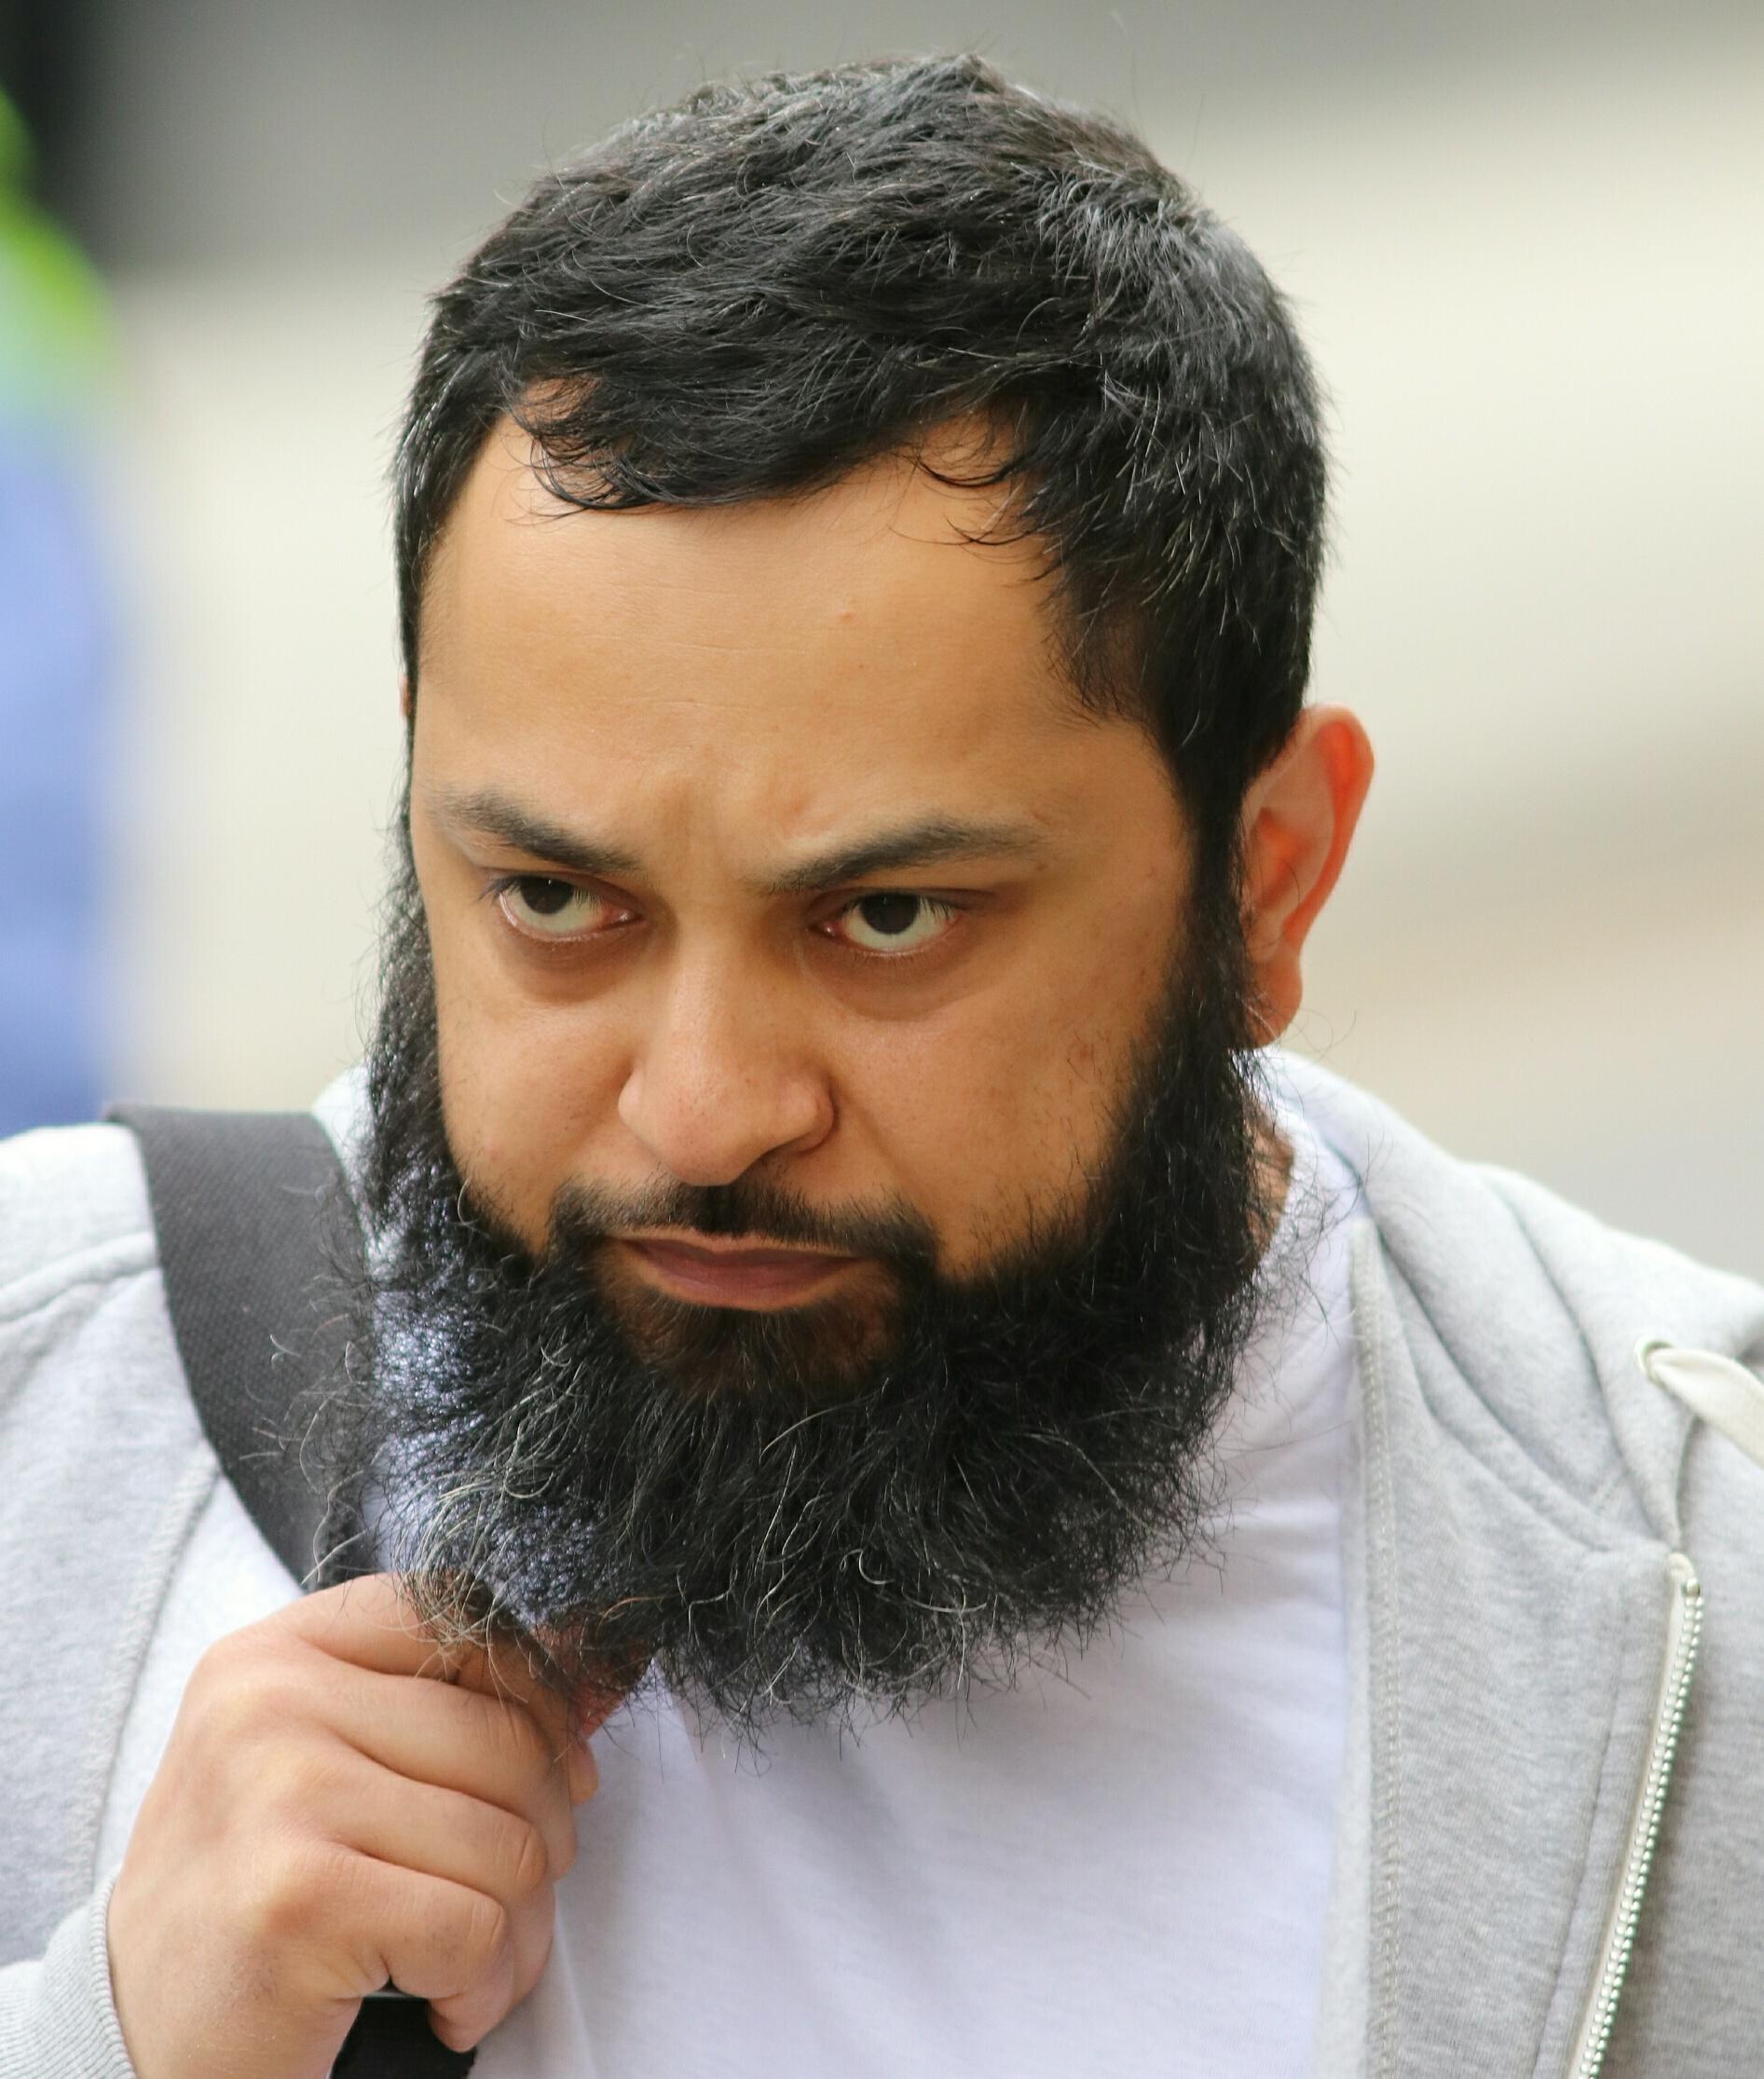 Extremist jailed for sharing ISIS propaganda